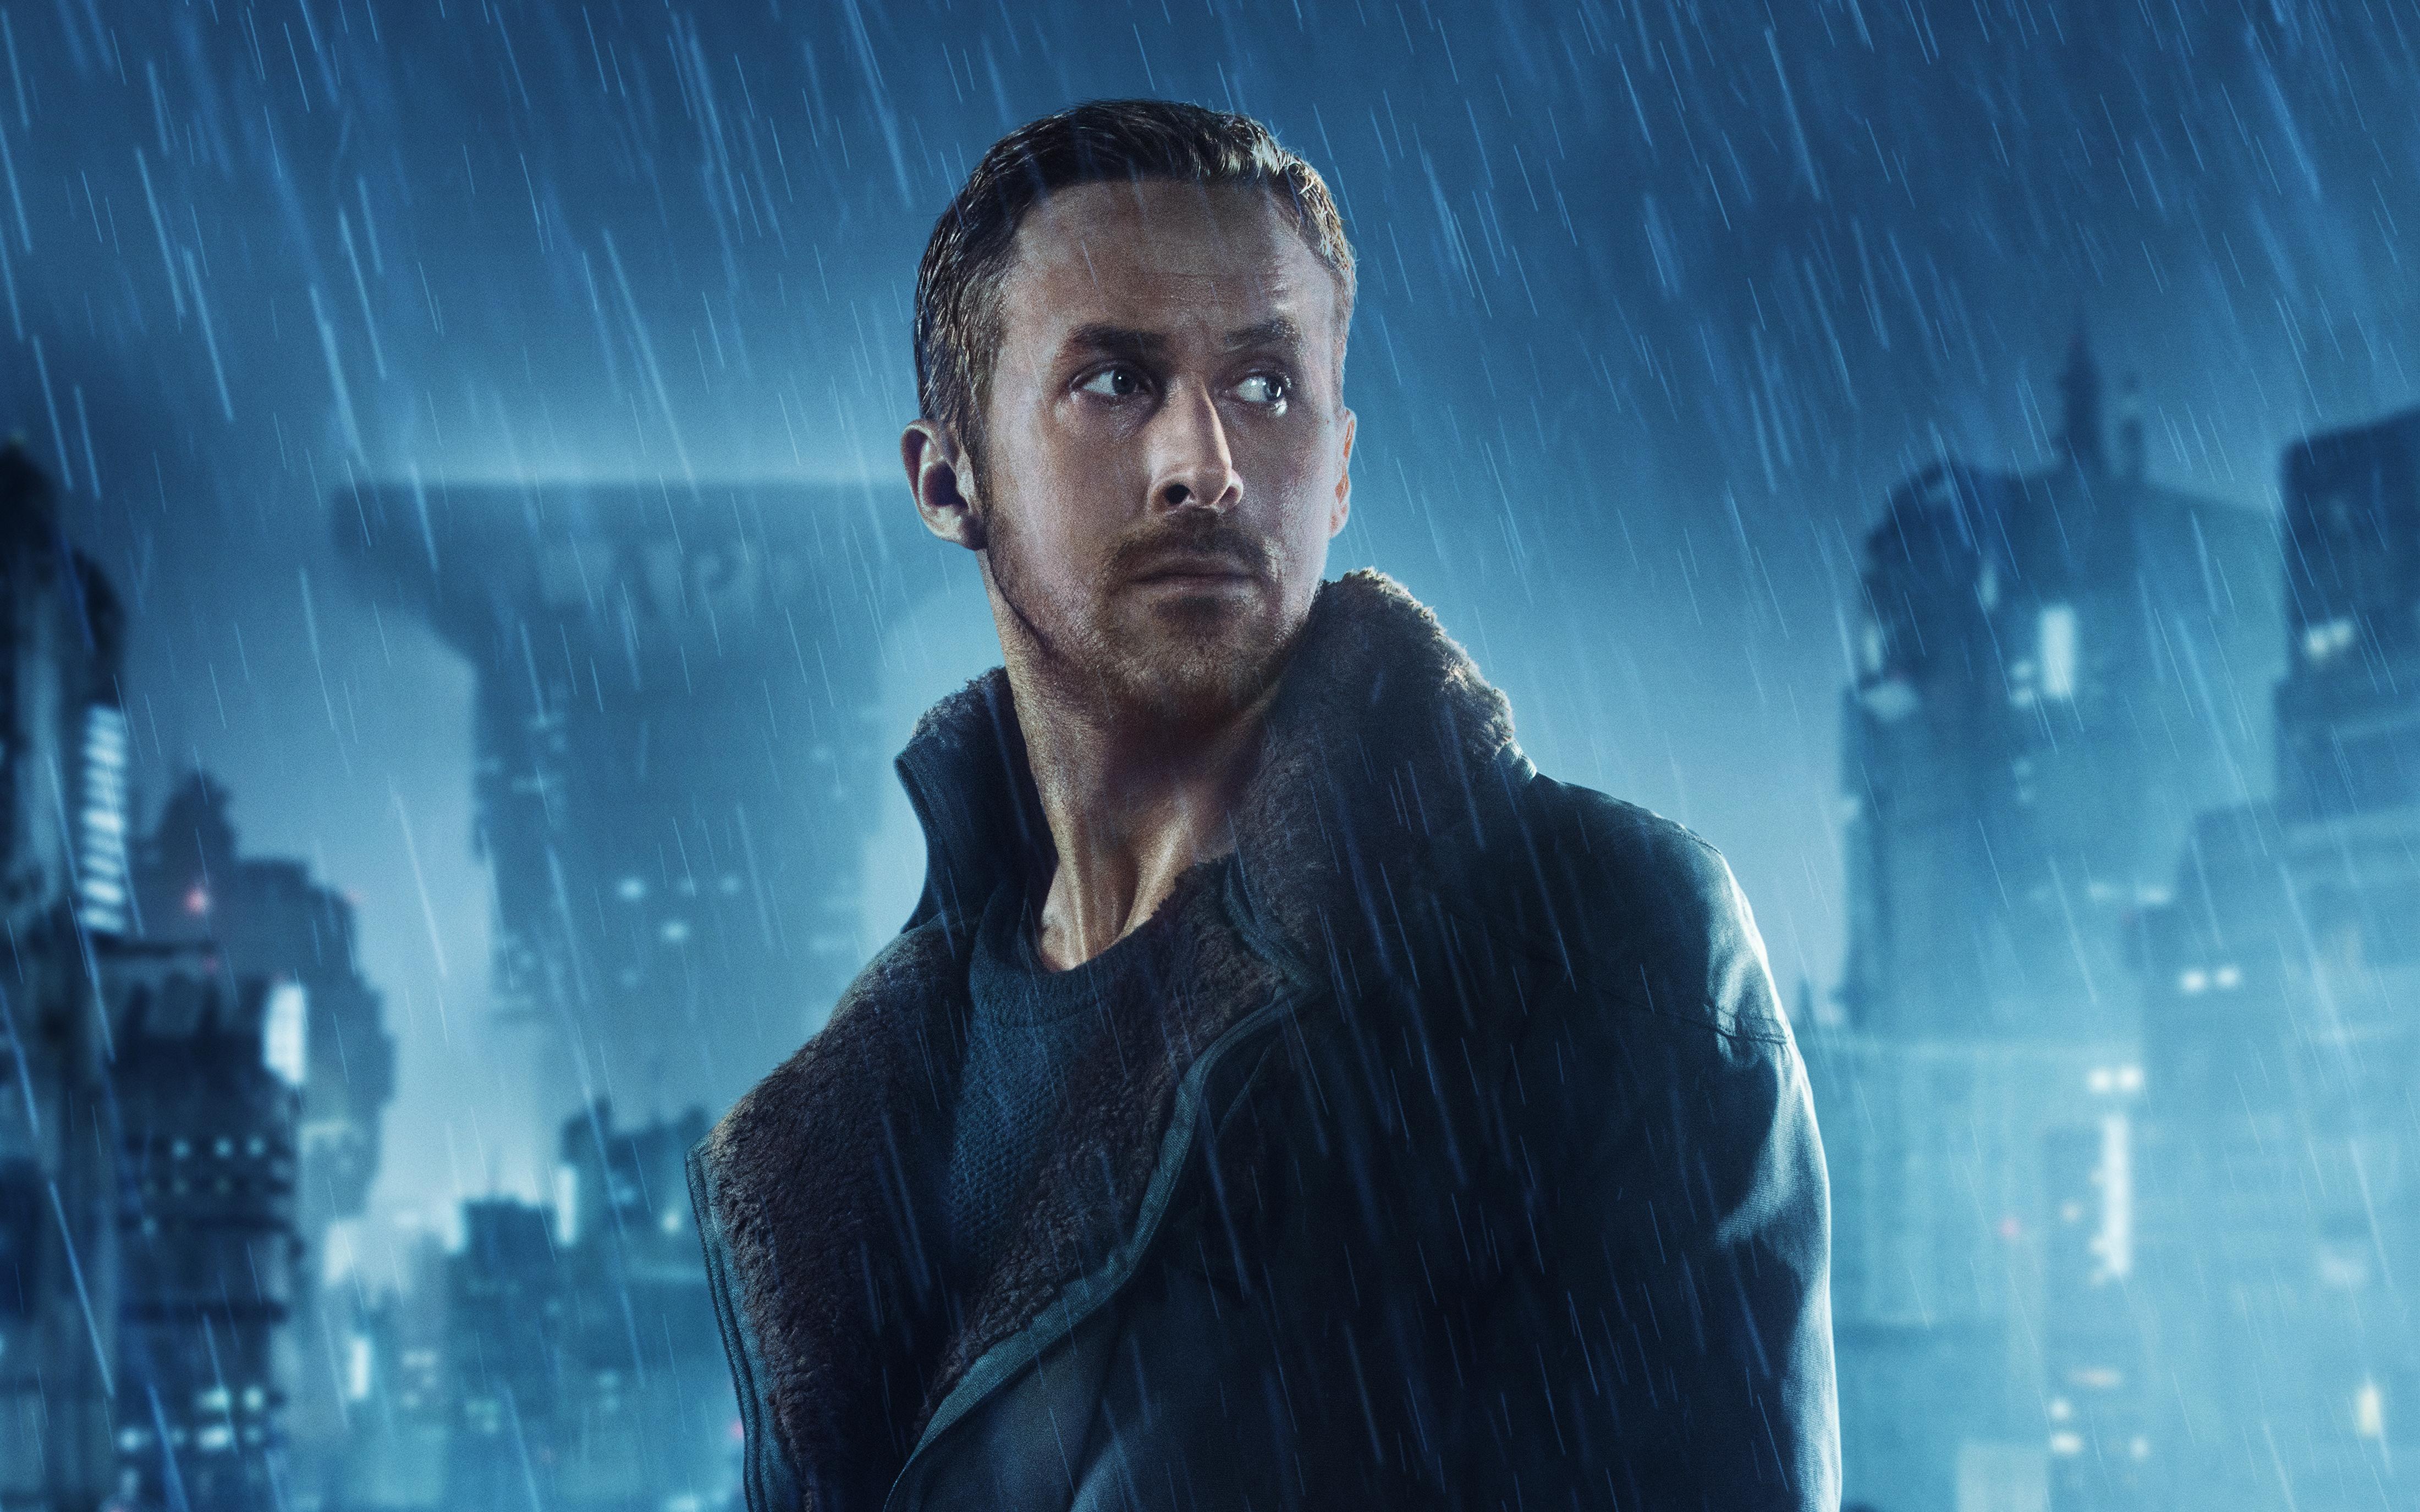 Ryan Gosling Blade Runner 2049 4k Wallpapers Hd Wallpapers